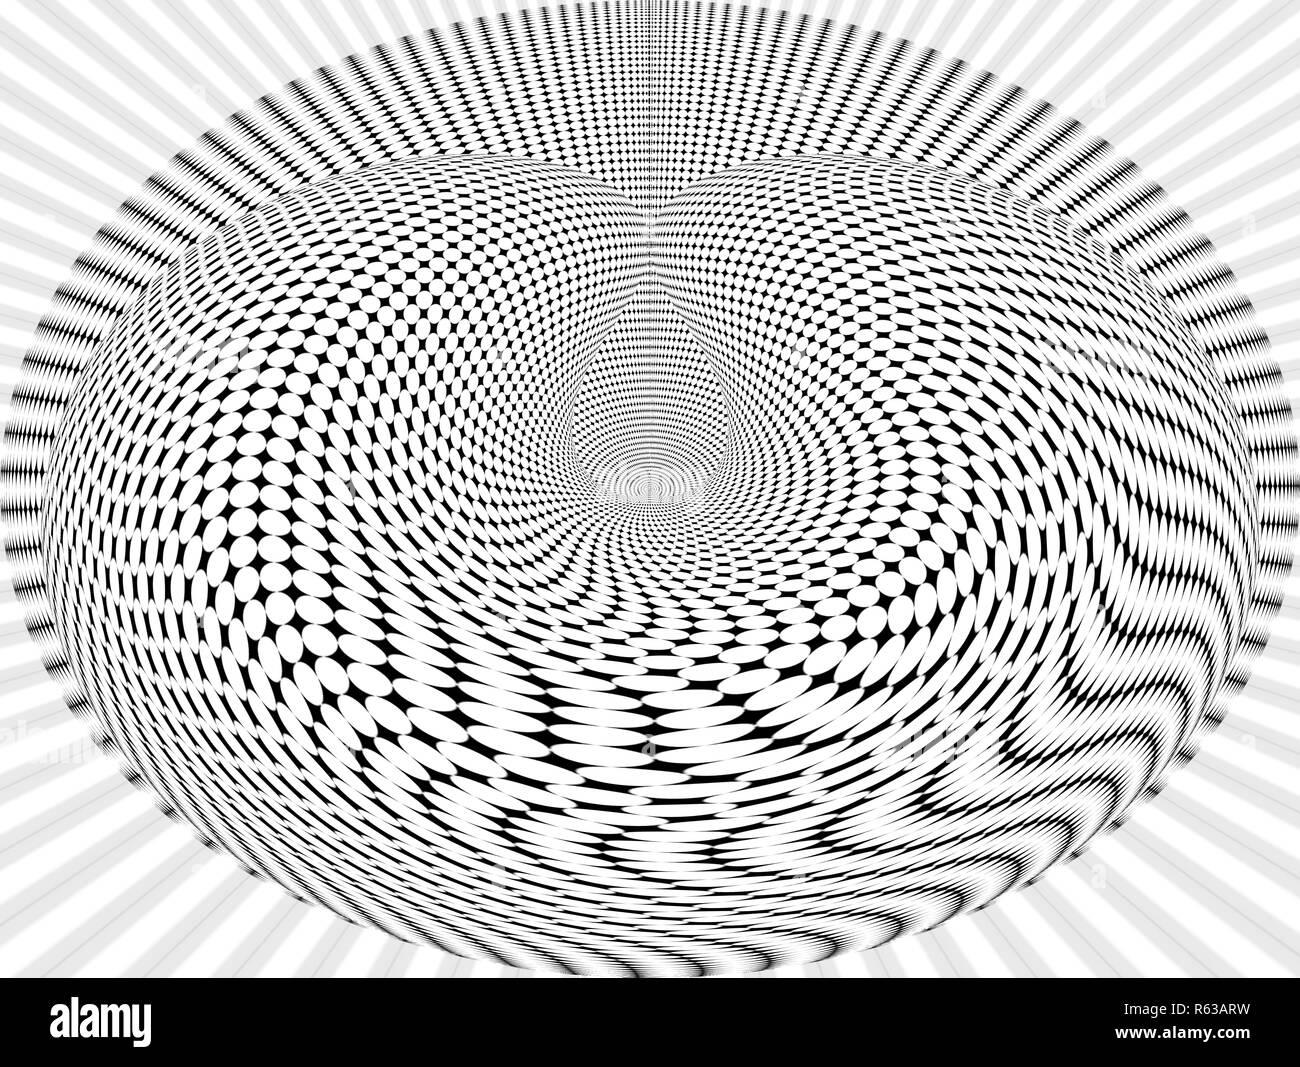 Computer erzeugte geometrische Op-Art-Bild (Optical Art) Stockbild